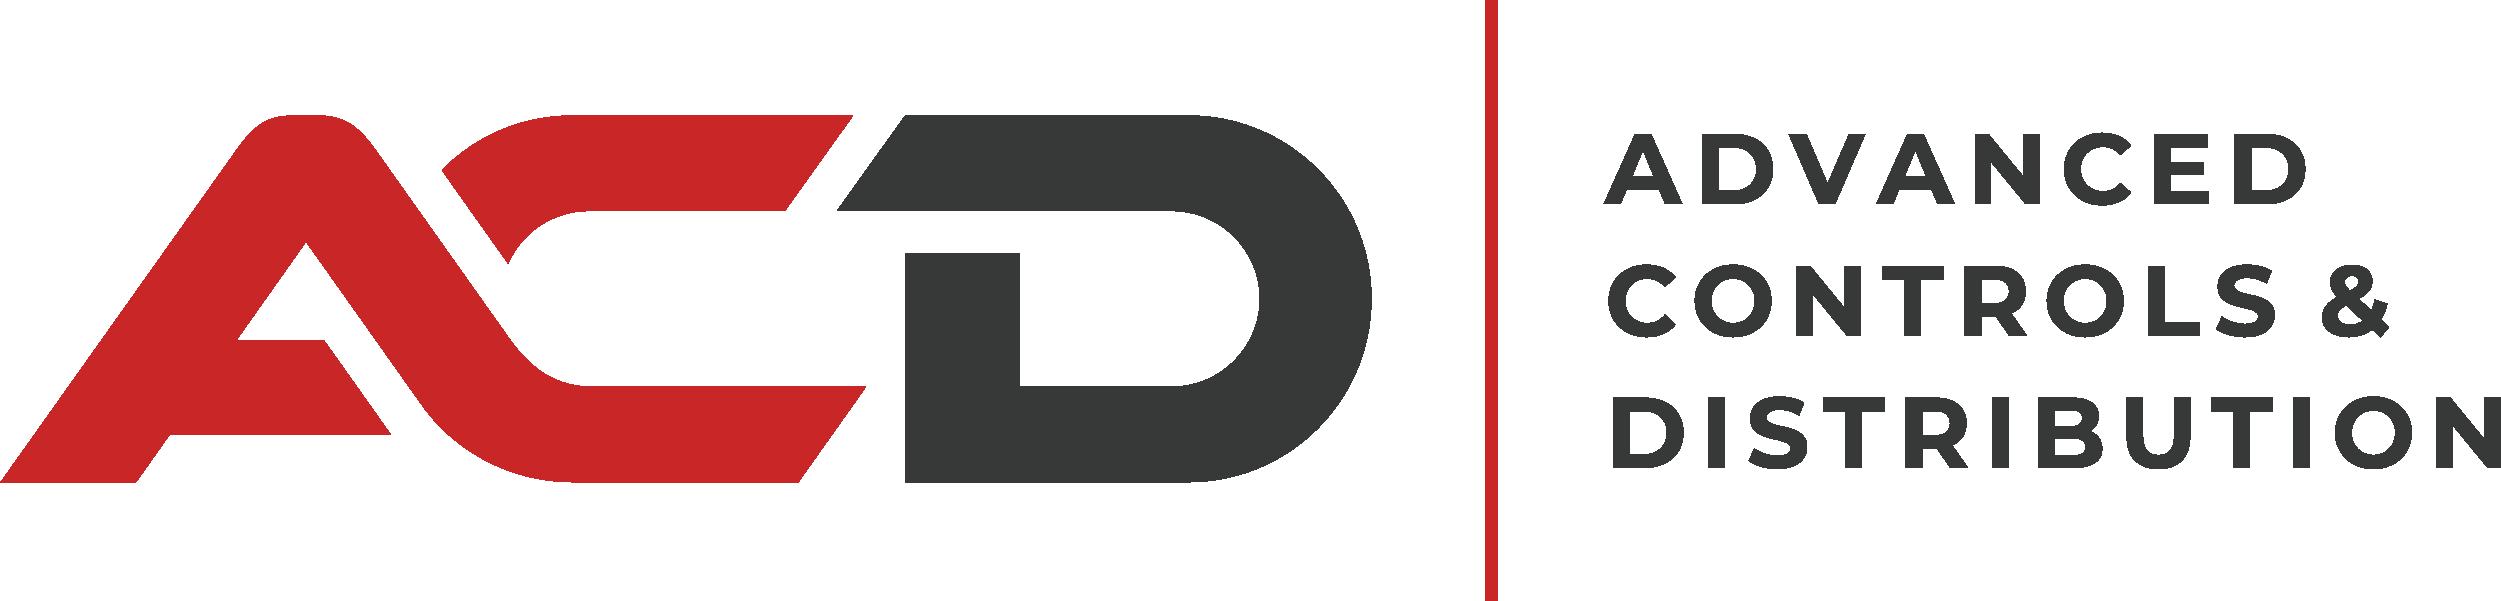 New ACD logo-3